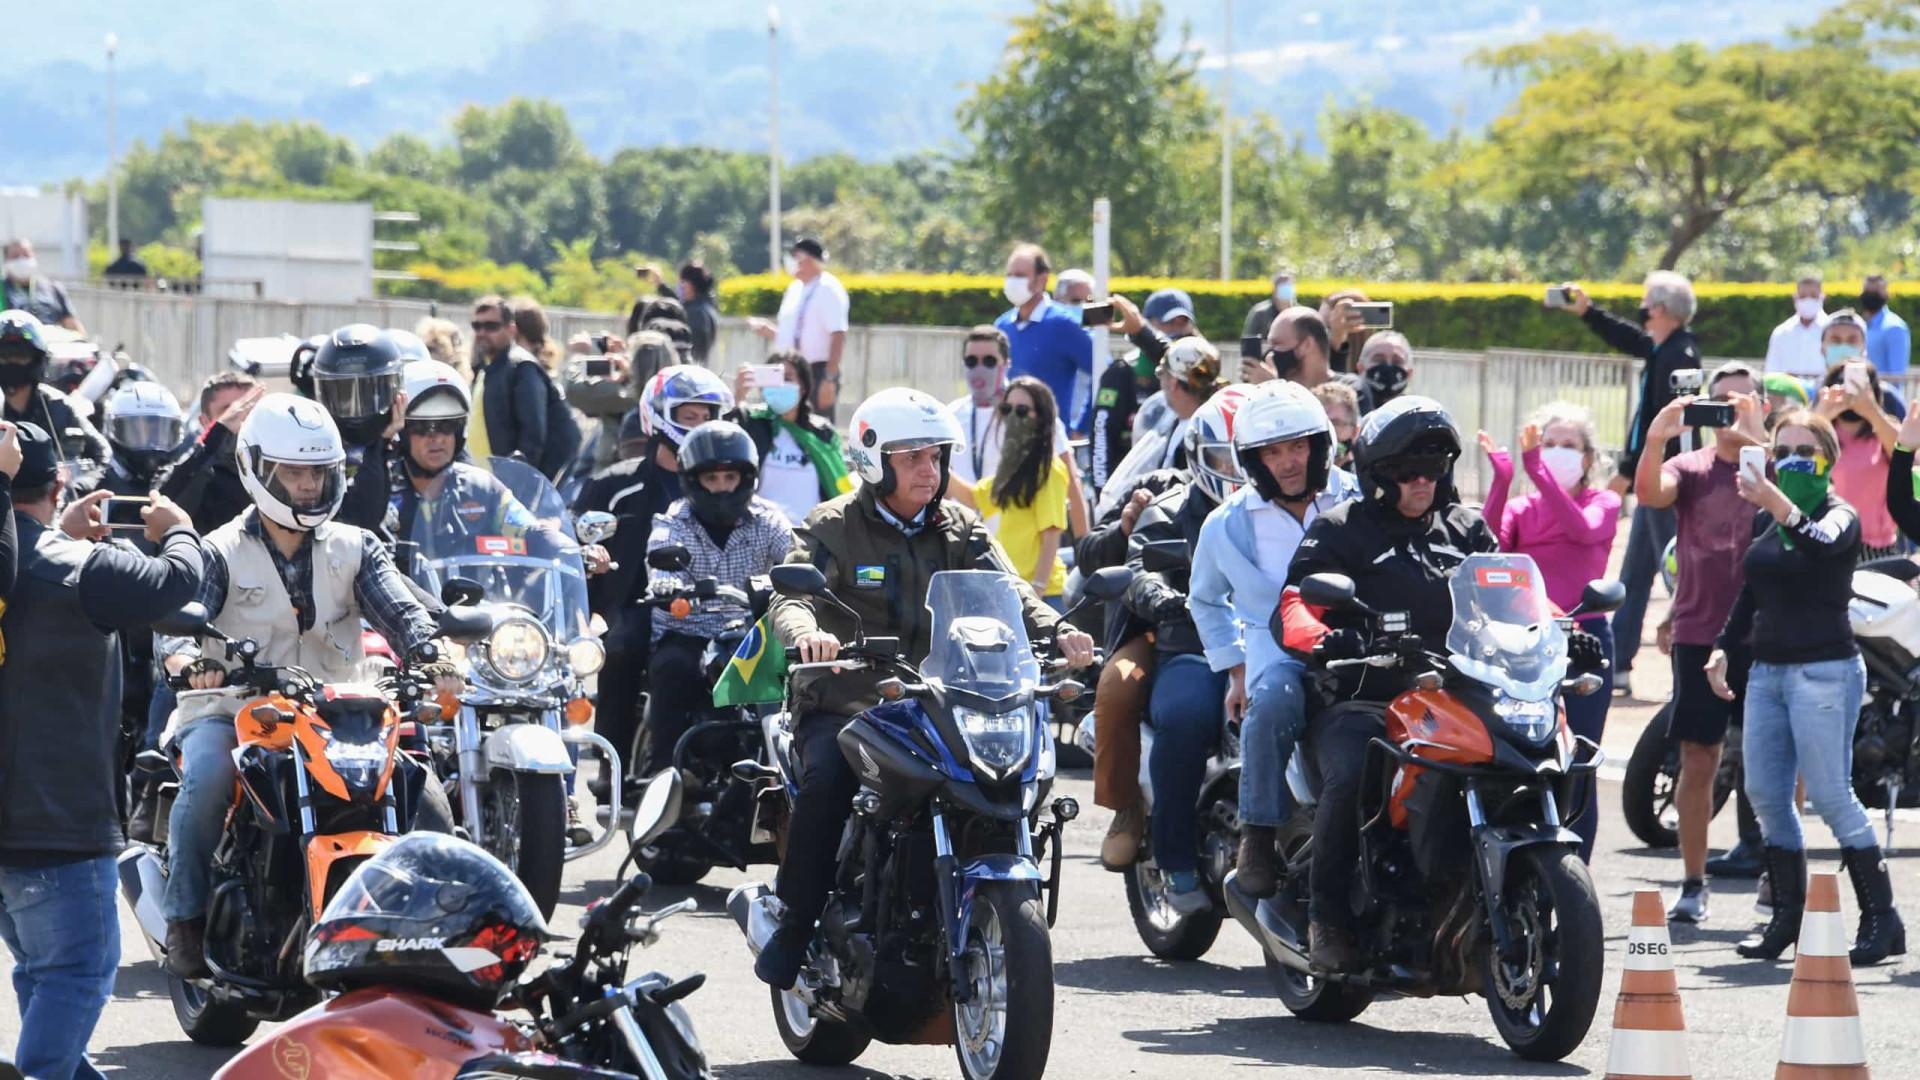 No Dia das Mães, Bolsonaro ignora regras e gera aglomeração com motoqueiros